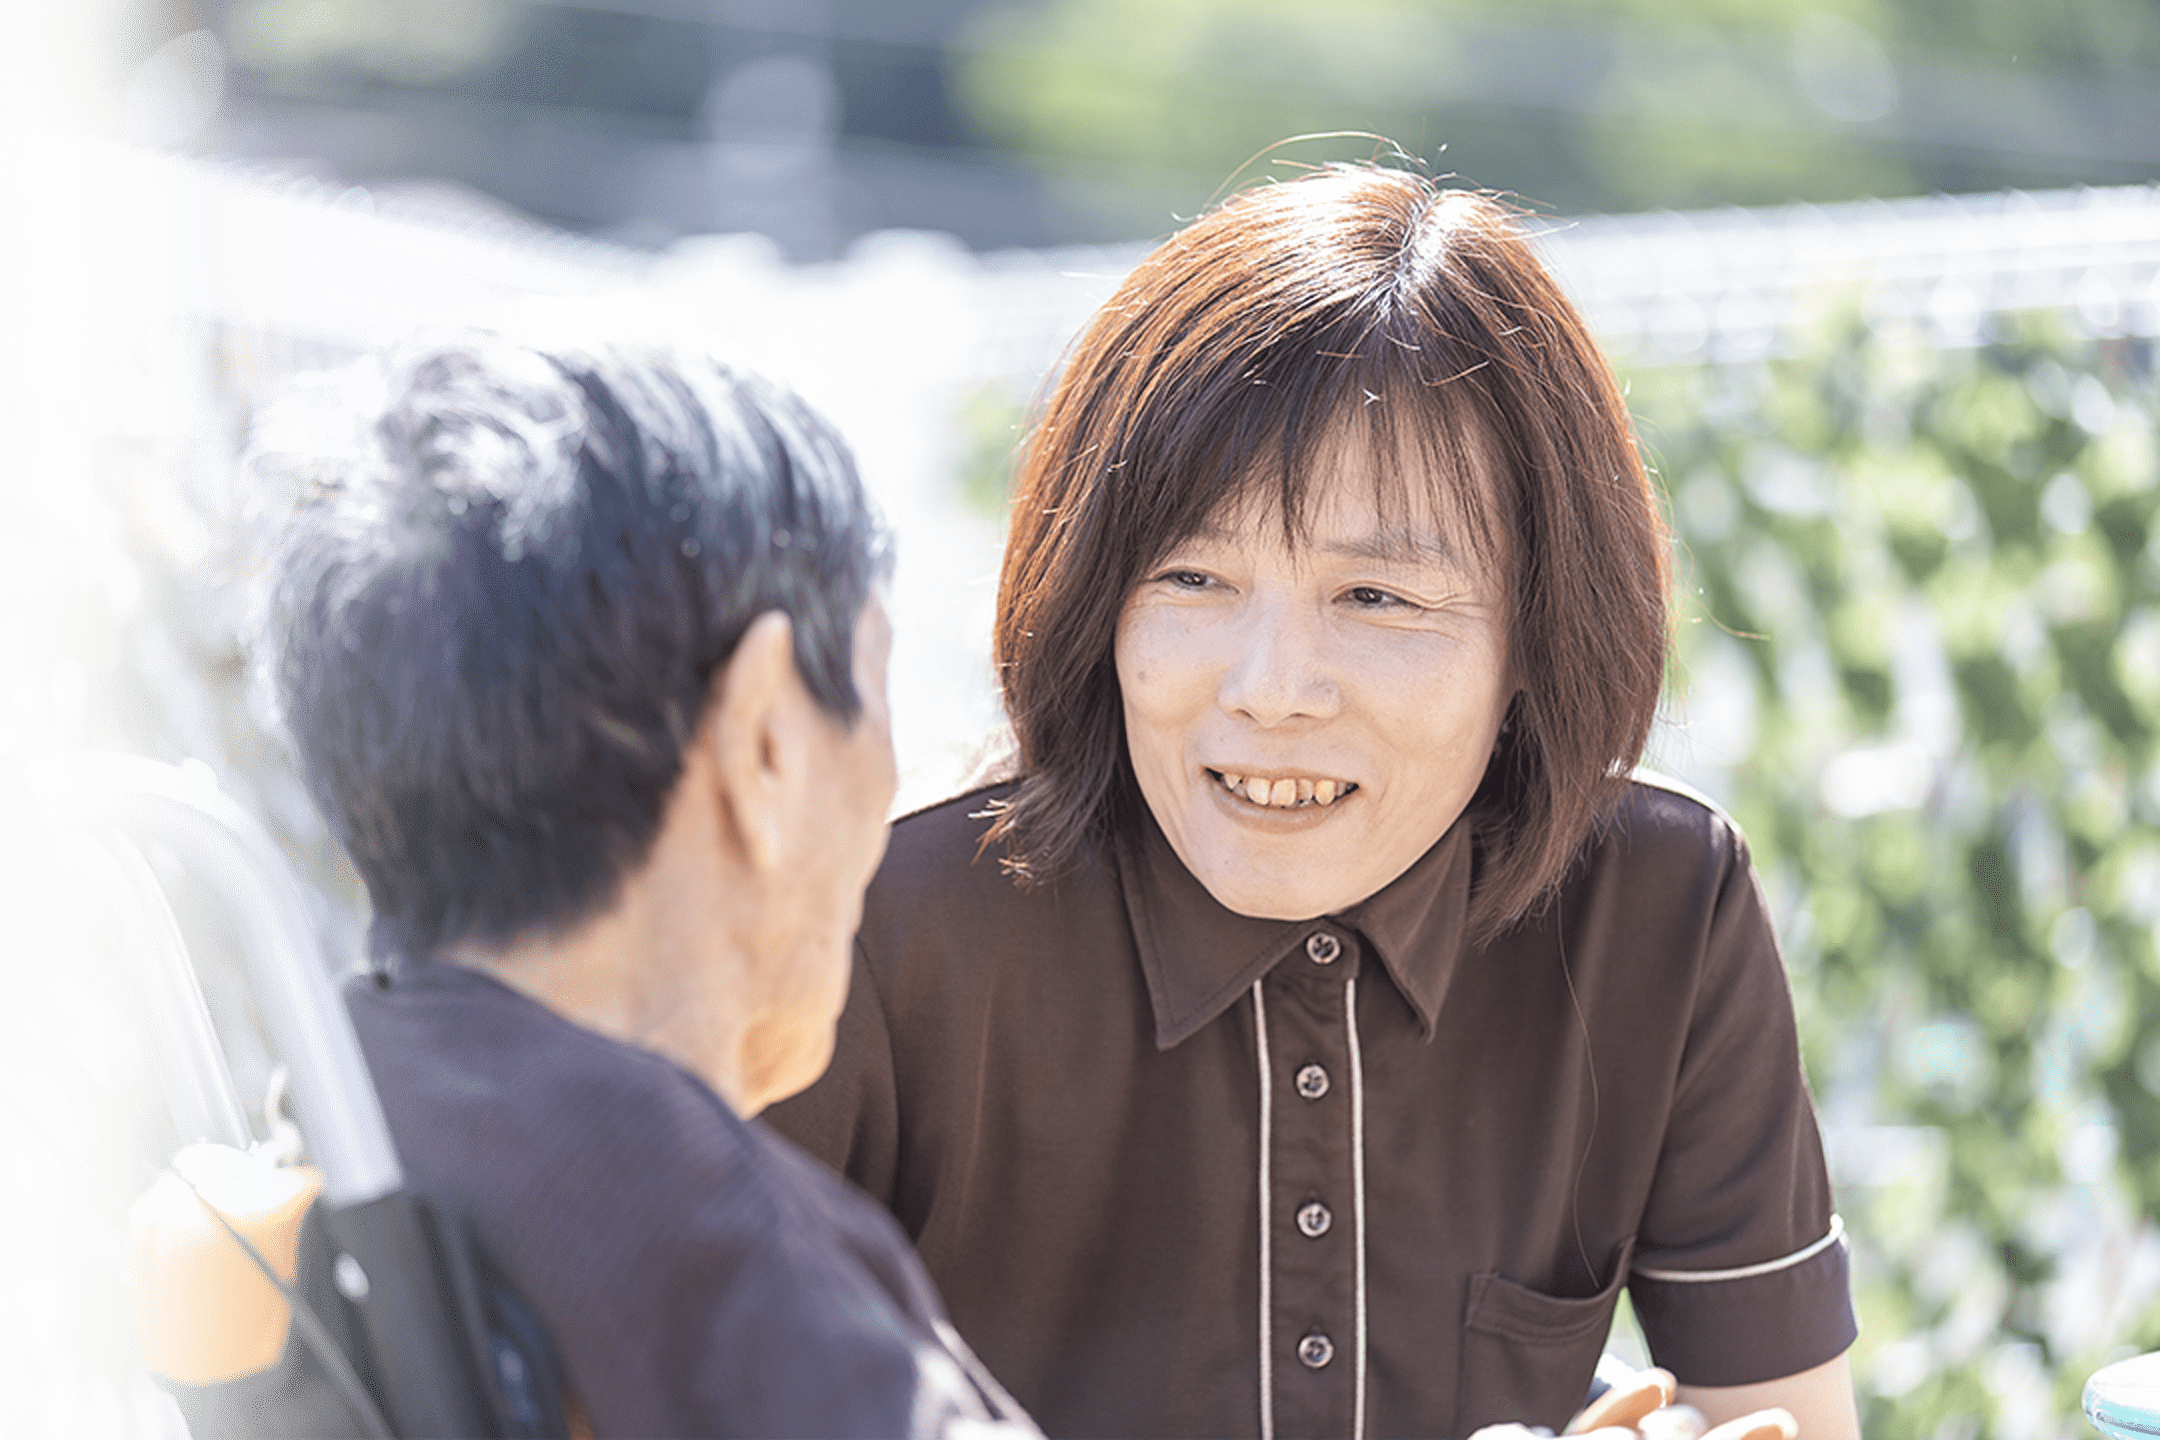 神戸を日本一高齢者の元気な街に